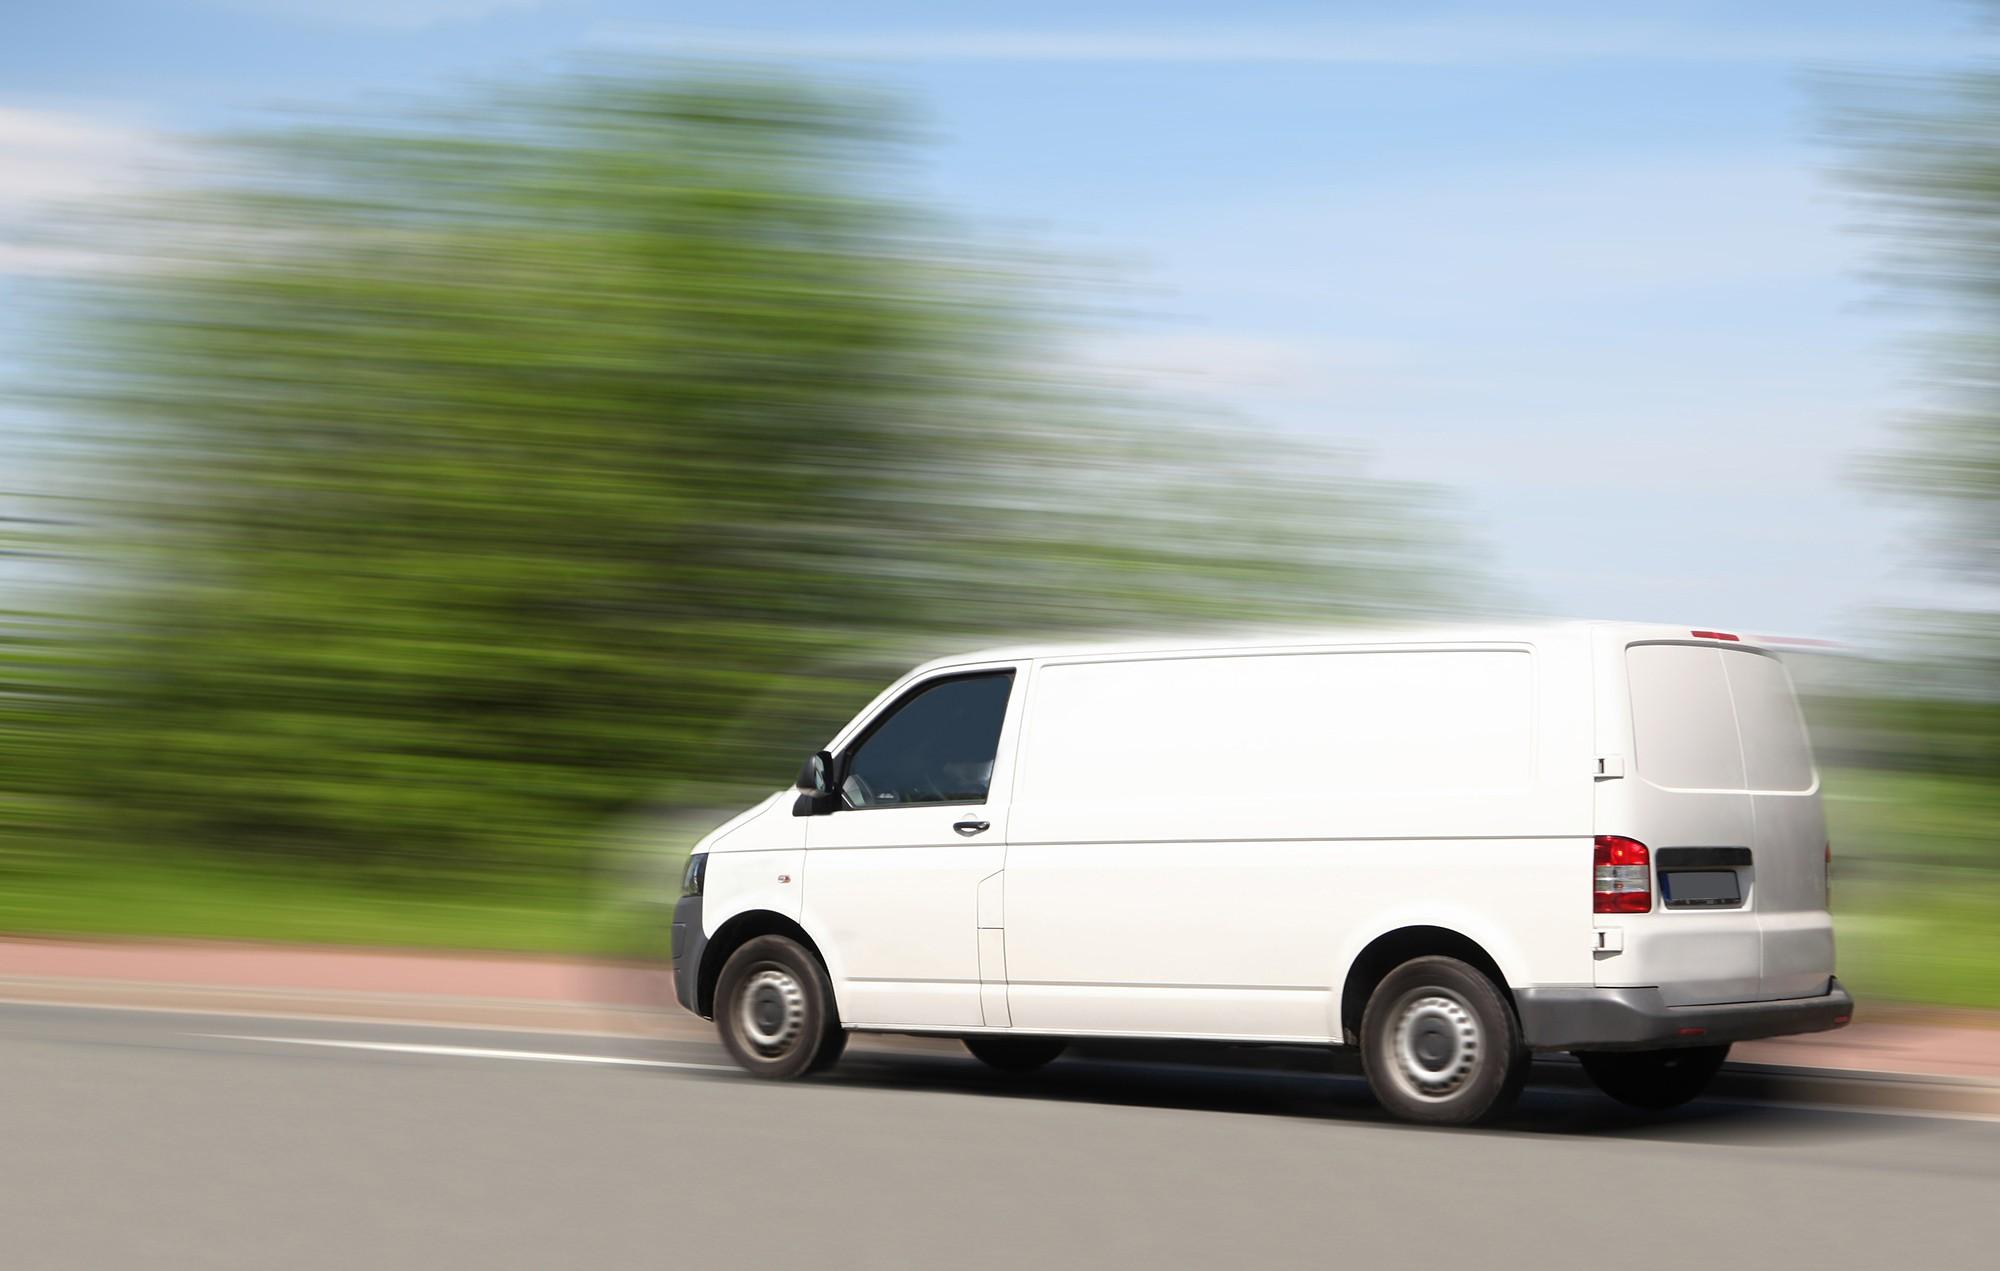 Russpartikelfilter Reinigung im Bereich Transporter | Cleantaxx GmbH